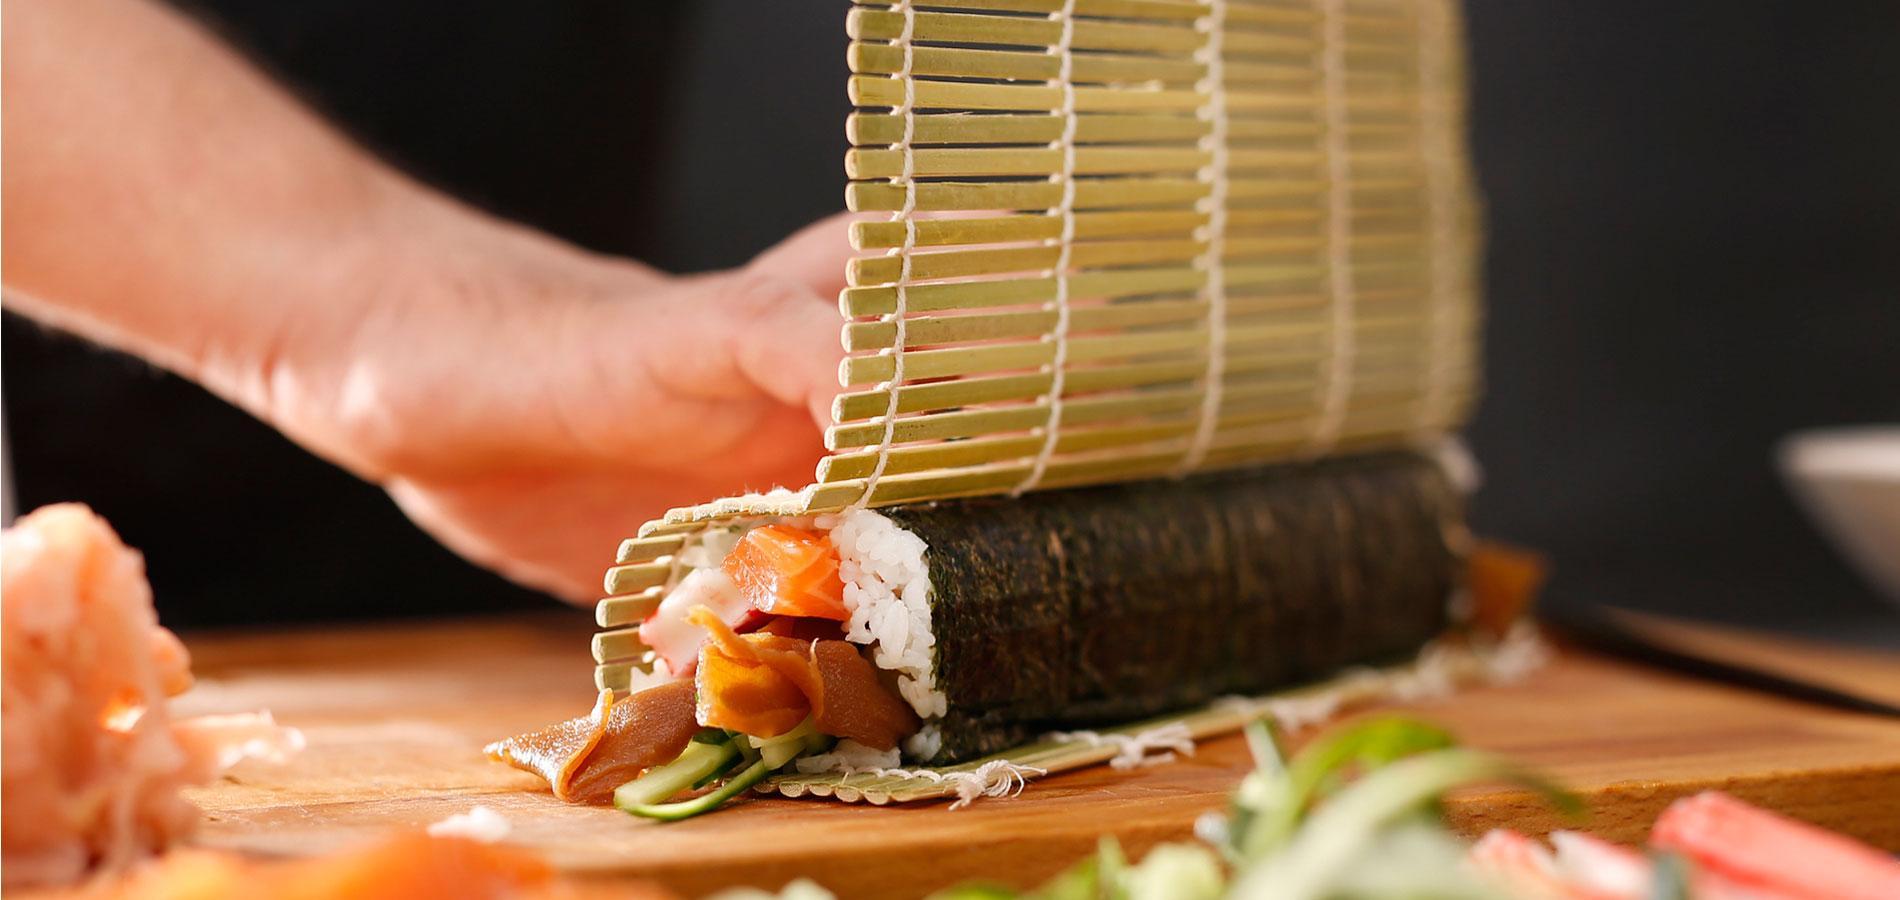 Sushi rencontres ce qui ne signifie pas officiellement datant